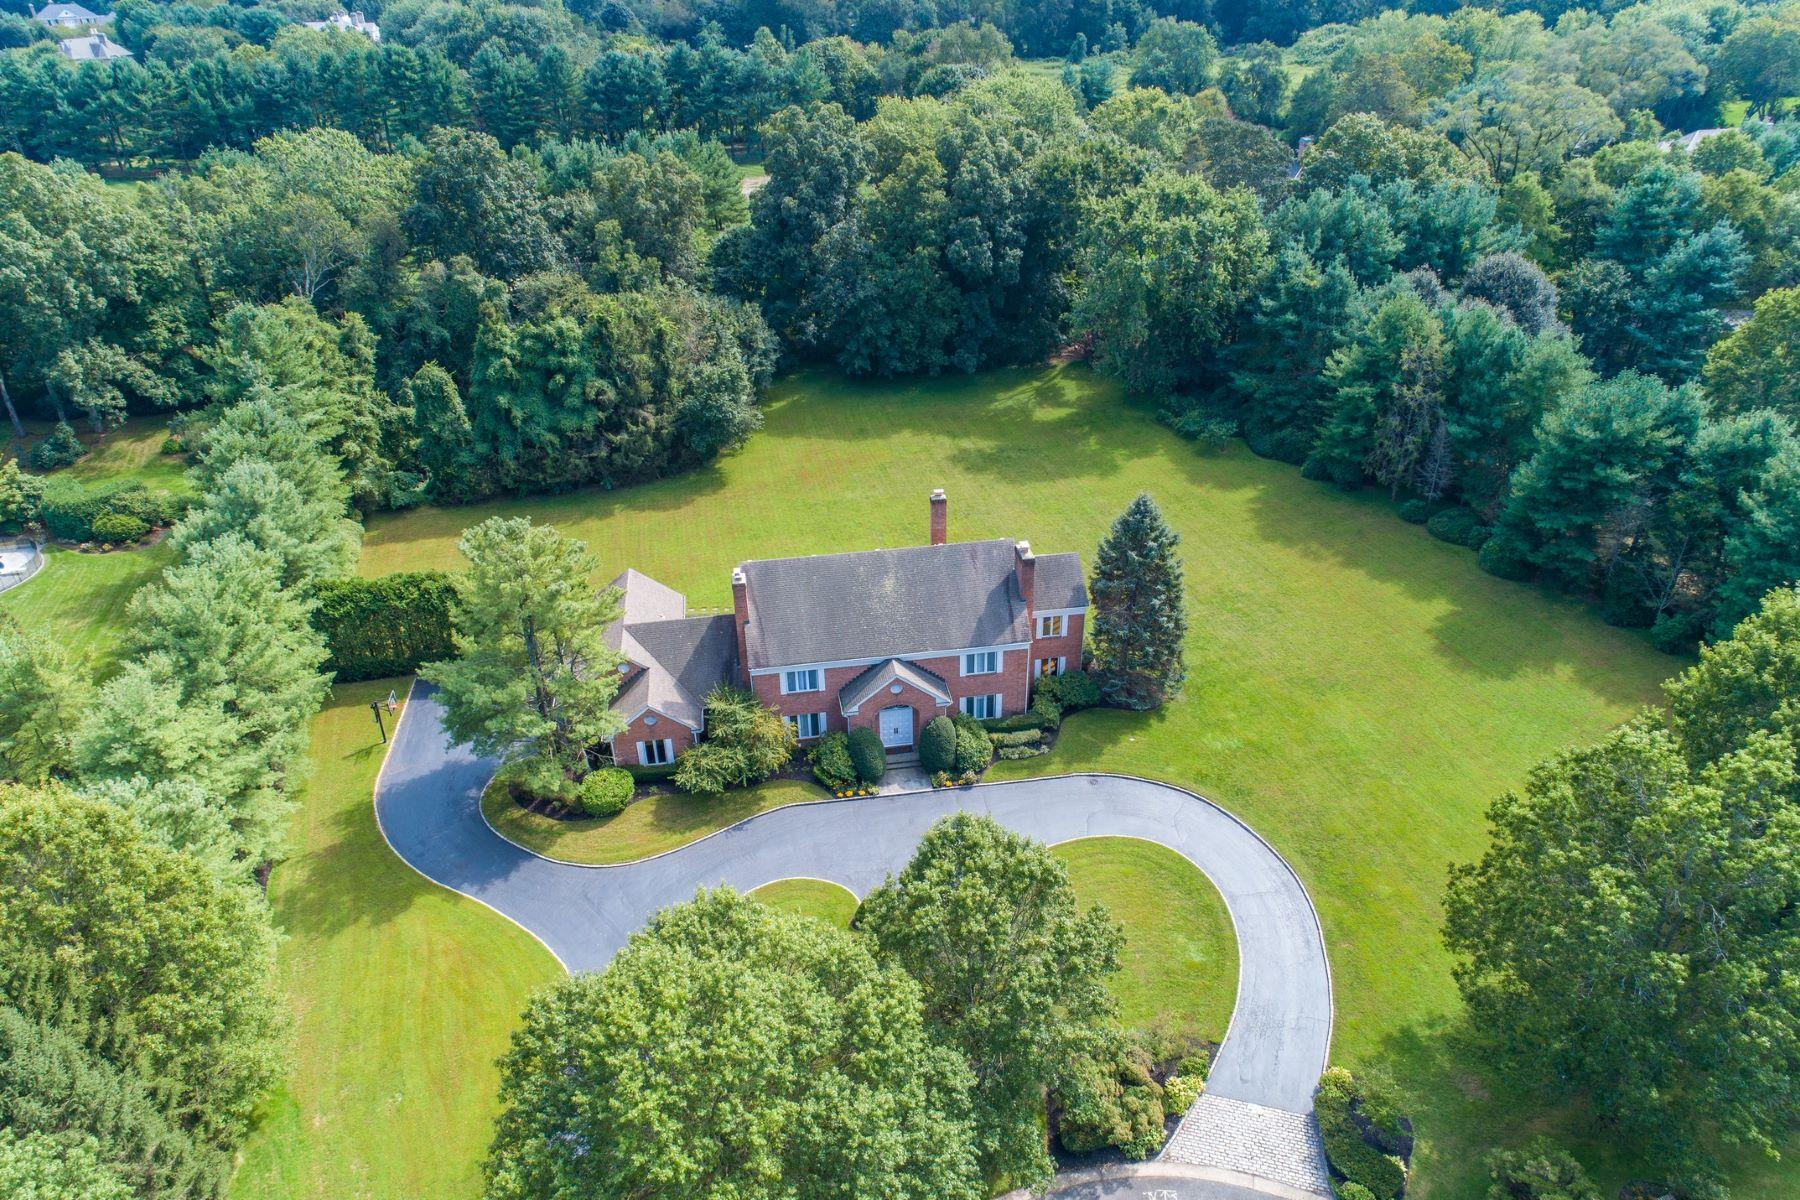 Single Family Homes für Verkauf beim Old Brookville 10 High Meadow Ct, Old Brookville, New York 11545 Vereinigte Staaten